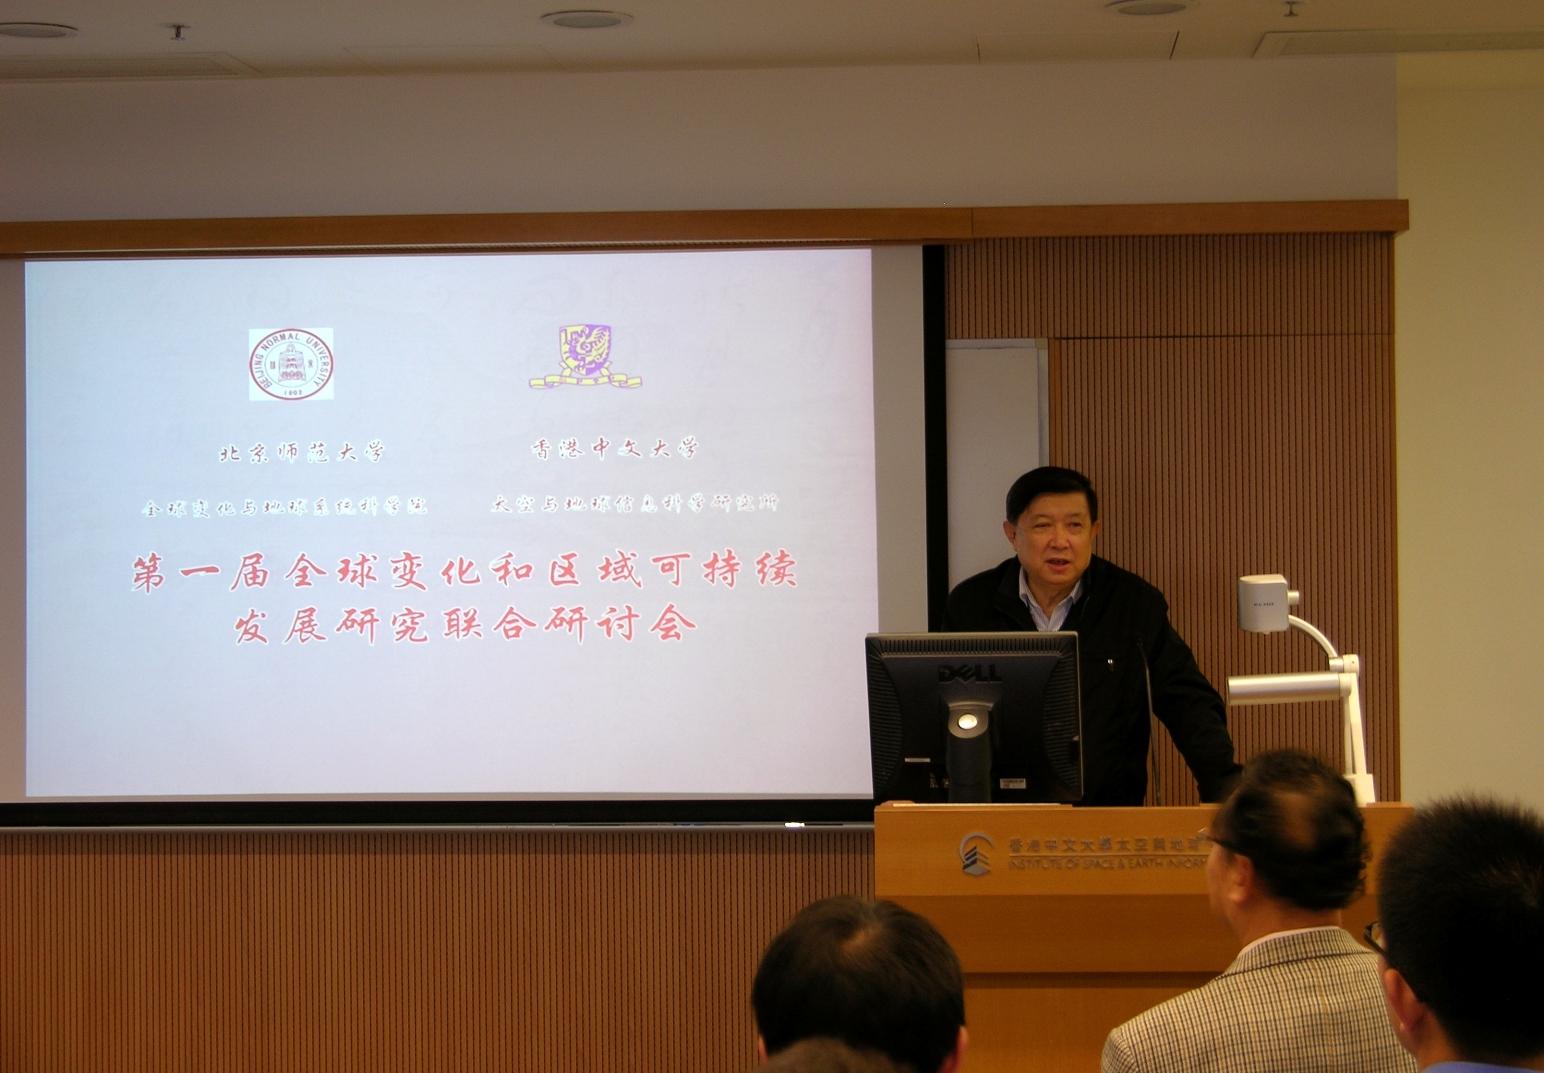 中國科學院徐冠華院士致開幕辭